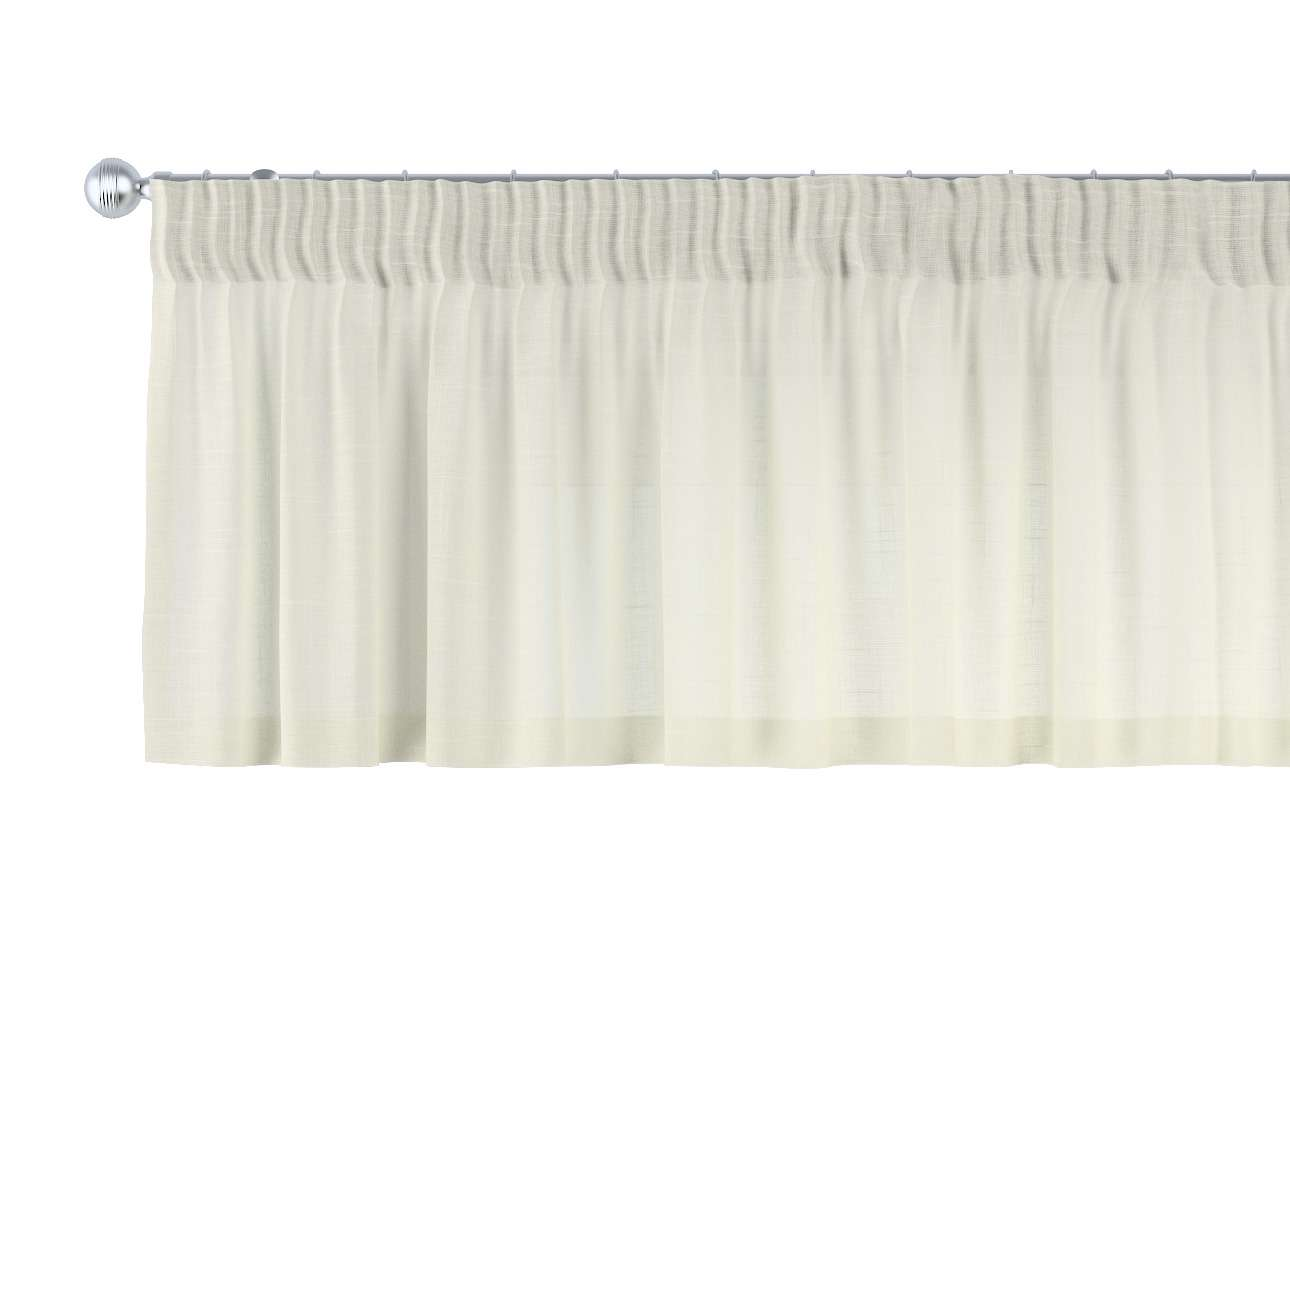 Lambrekin na taśmie marszczącej 130 x 40 cm w kolekcji Romantica, tkanina: 128-88